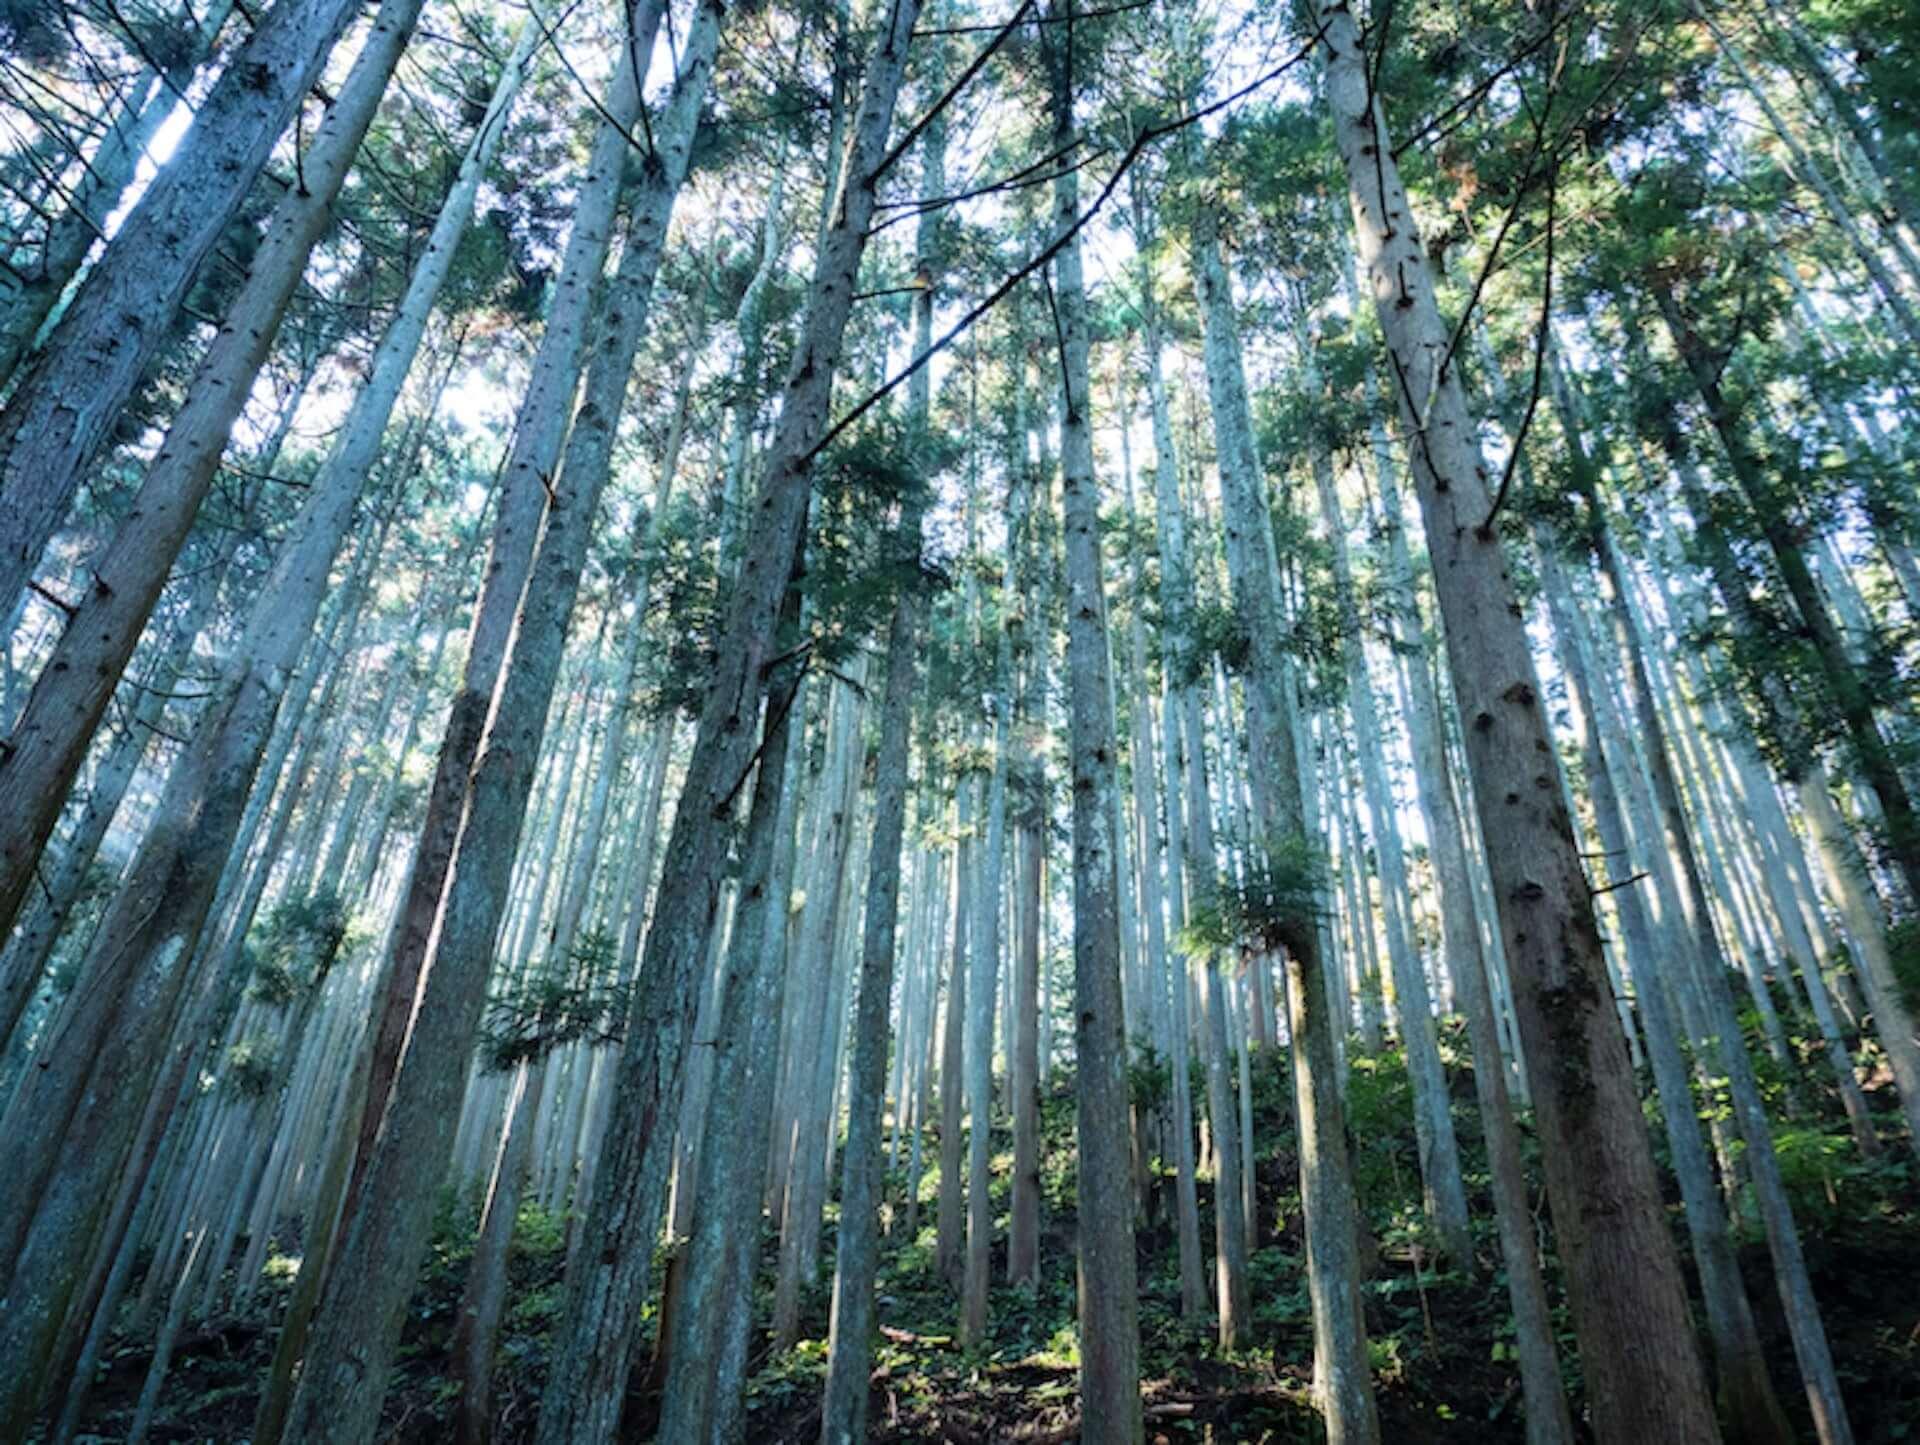 奈良県で新たなアート体験を!齋藤精一がプロデュースする芸術祭<MIND TRAIL 奥大和 心のなかの美術館>が開催決定 art200827_nara-mindtrail_5-1920x1445